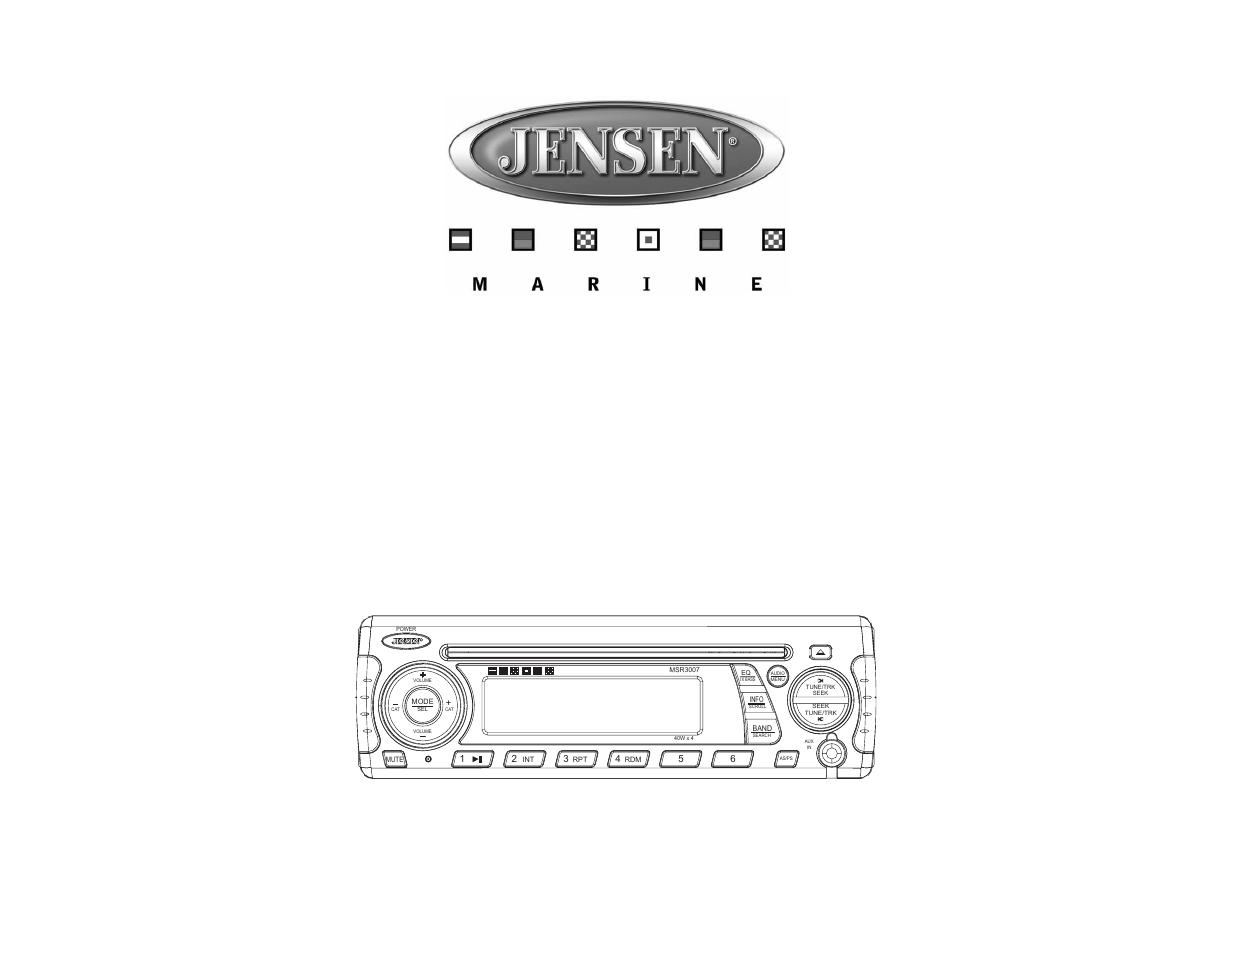 jensen msr3007 user manual 38 pages rh manualsdir com Jensen MSR3007 Wiring Jensen MSR3007 Manual